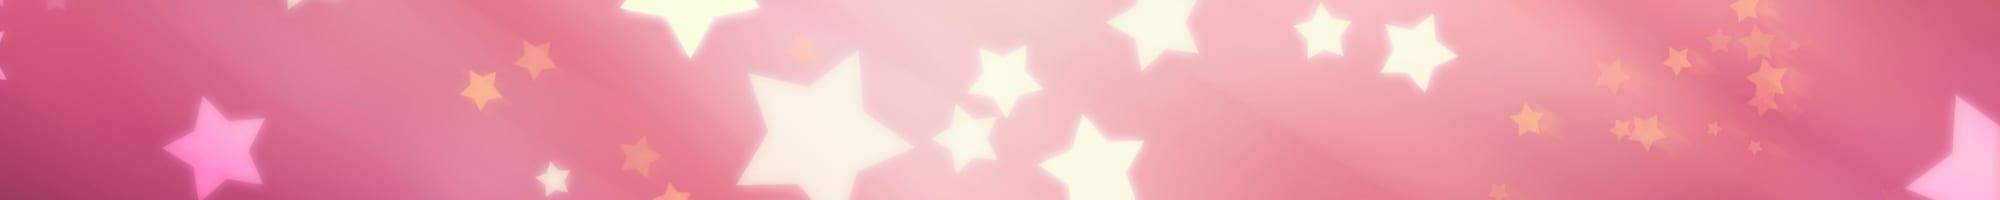 Sterne in Angst und Panik